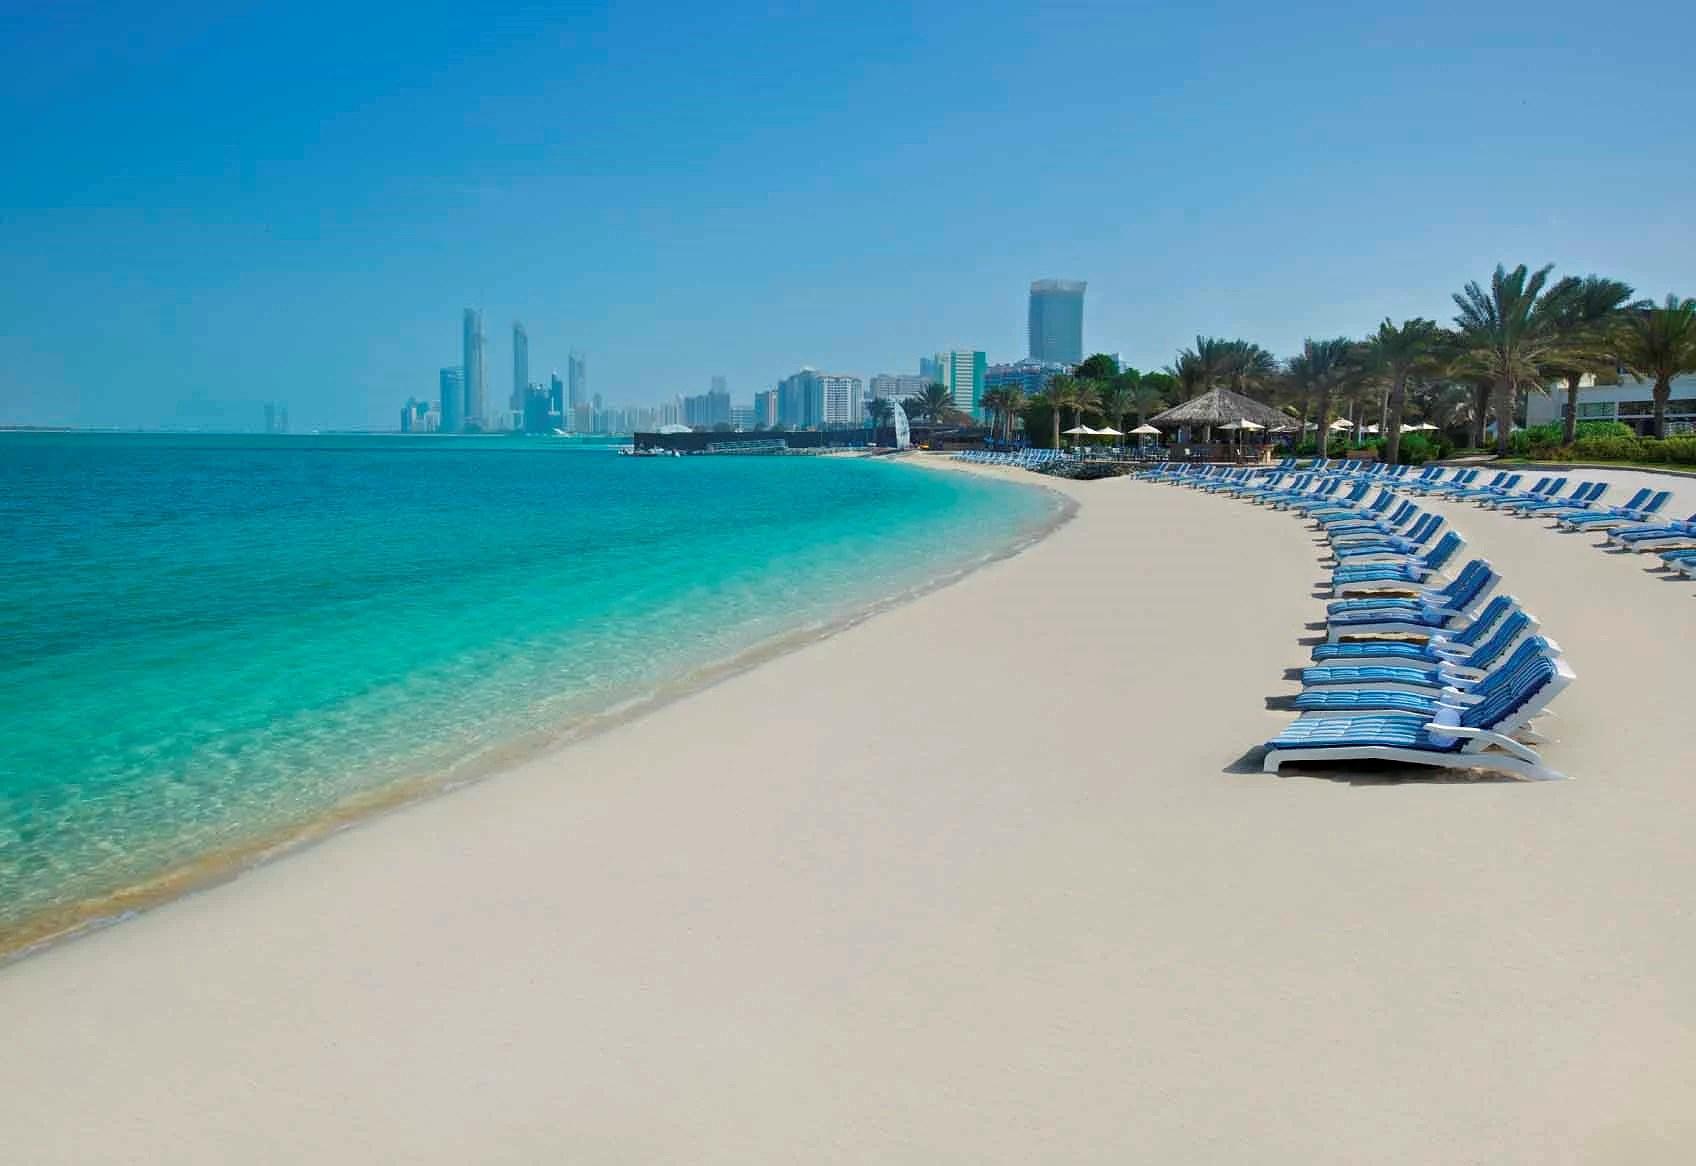 & där var Dubai resan bokad